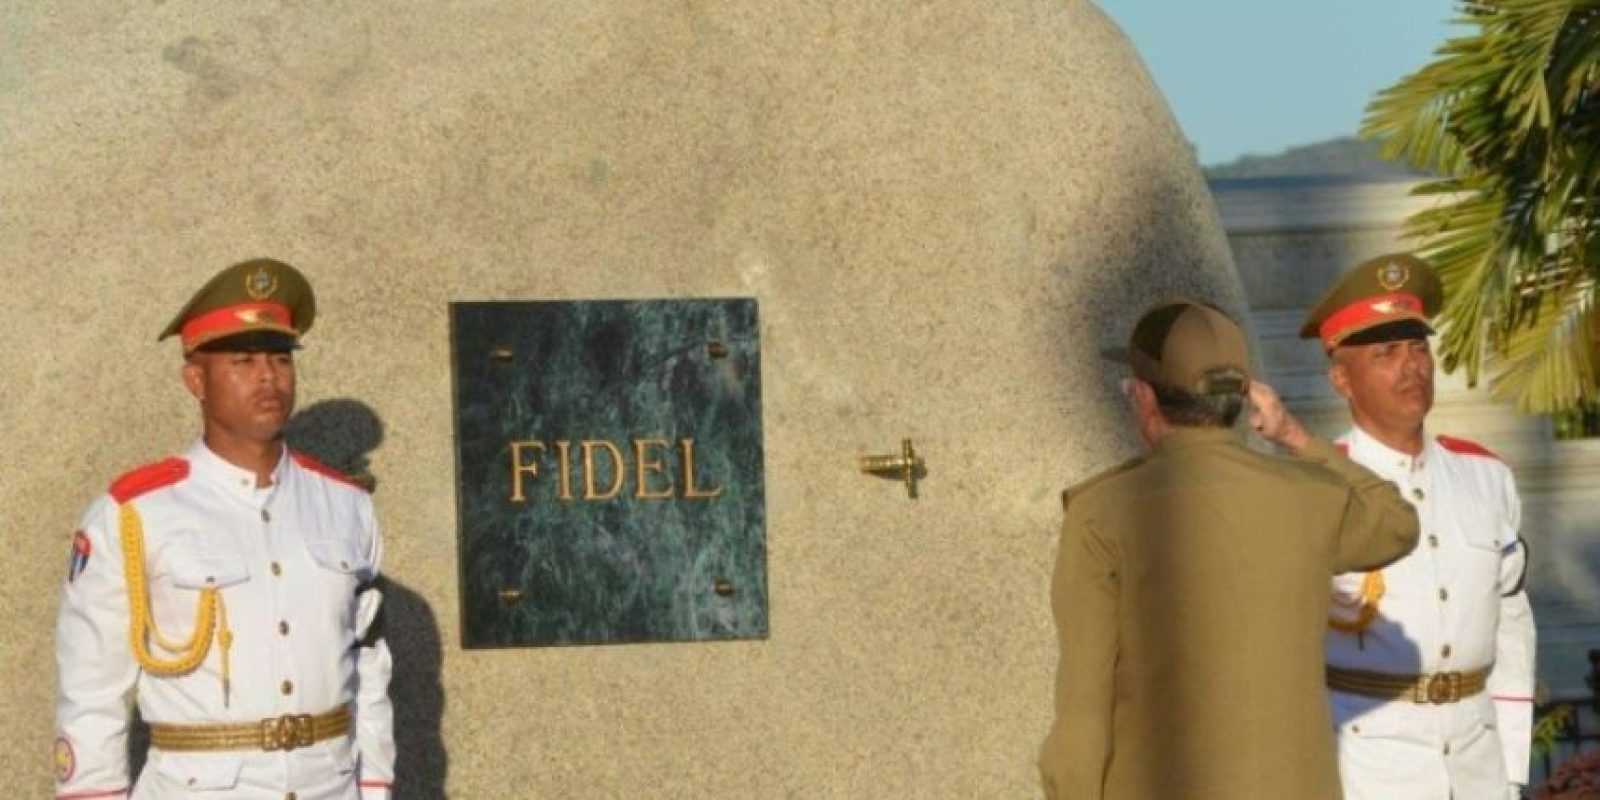 El presidente cubano, Raúl Castro, se despide de su hermano Fidel tras depositar la urna con sus cenizas en un mausoleo del cementerio de Santa Ifigenia, en Santiago de Cuba, el 4 de diciembre de 2016 Foto:Marcelino Vázquez/afp.com